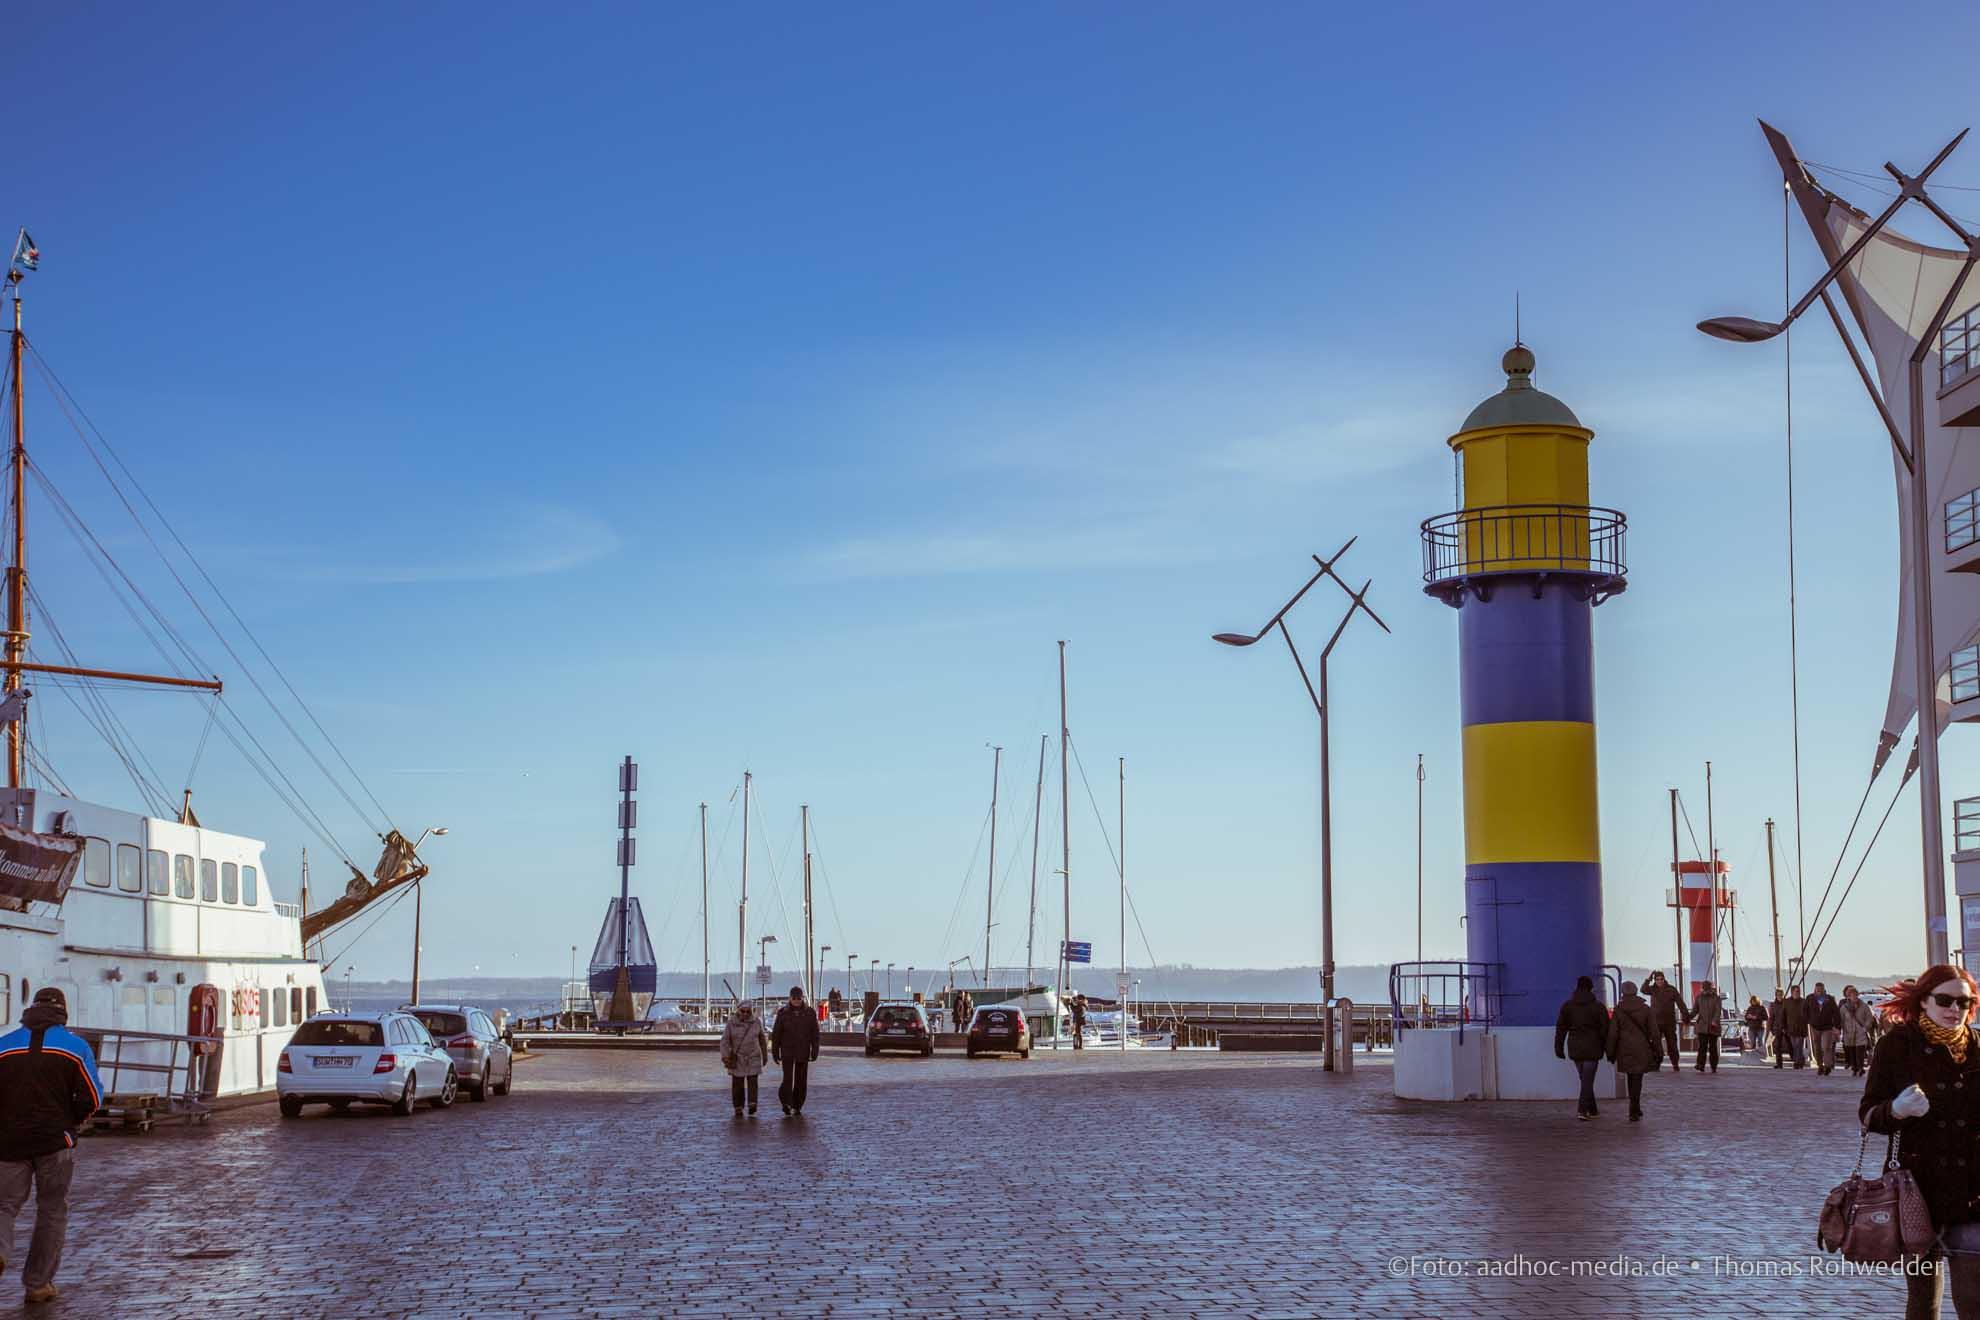 Leuchtturm - Eckernförde mit strahlender Sonne im Winter mit bleuem Himmel. Foto ©: aadhoc-media.de • Thomas Rohwedder